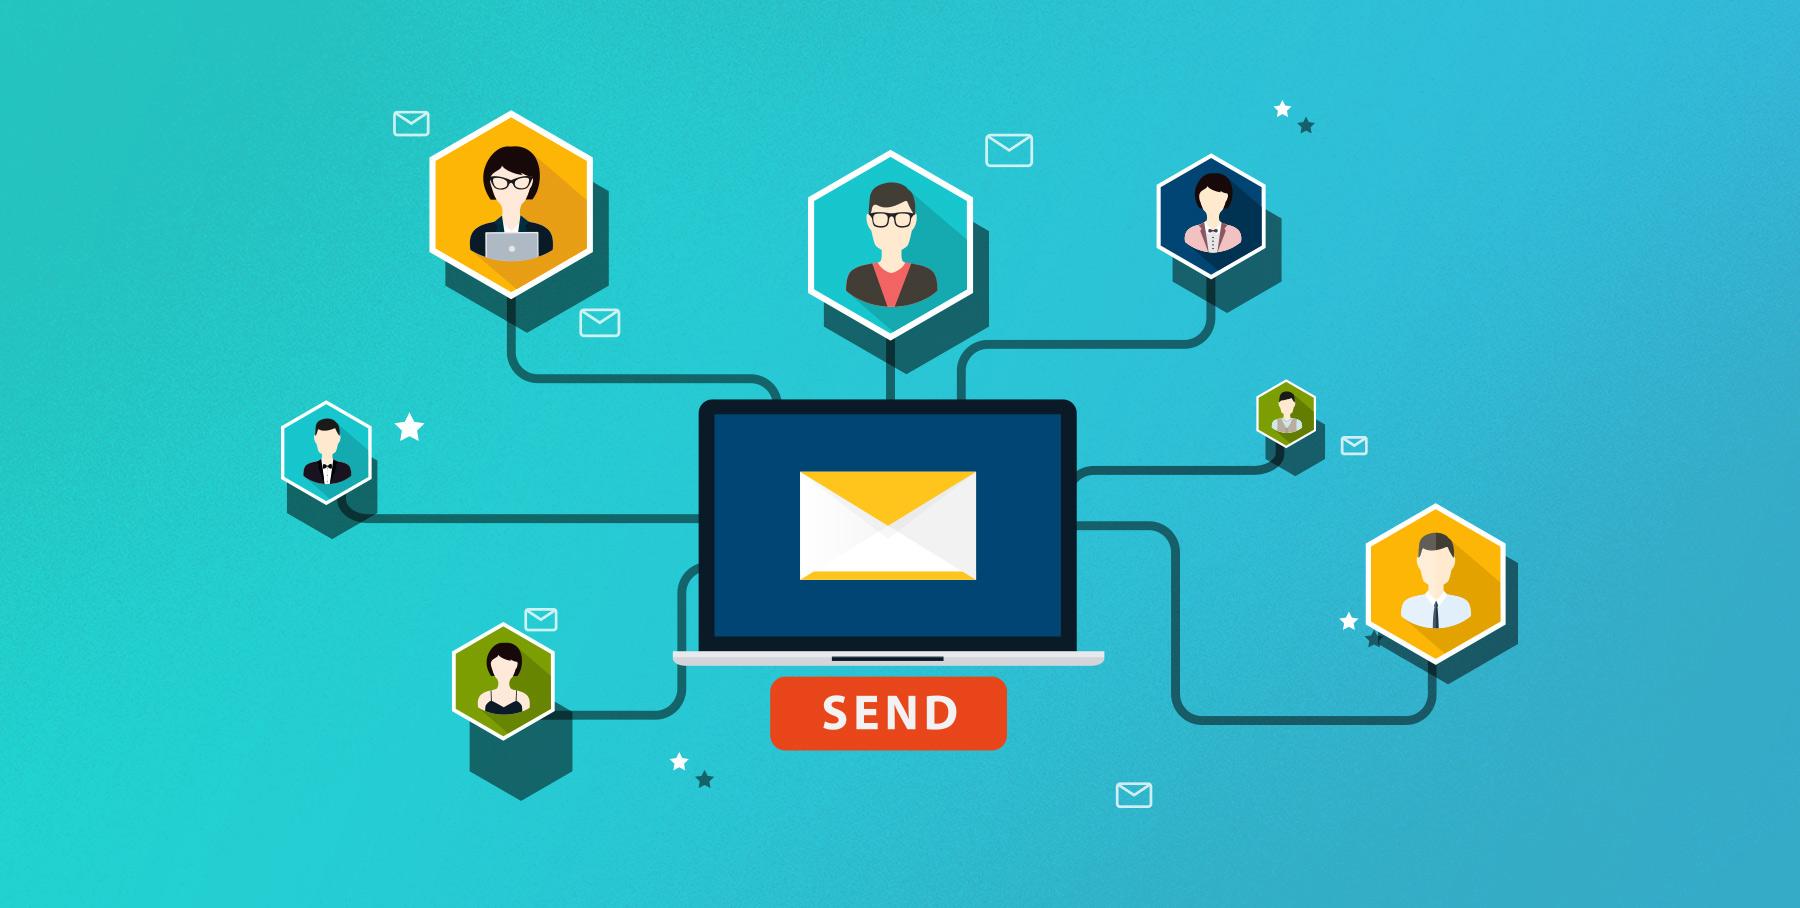 میزان بازگشایی ایمیل و تاثیر زمان بندی